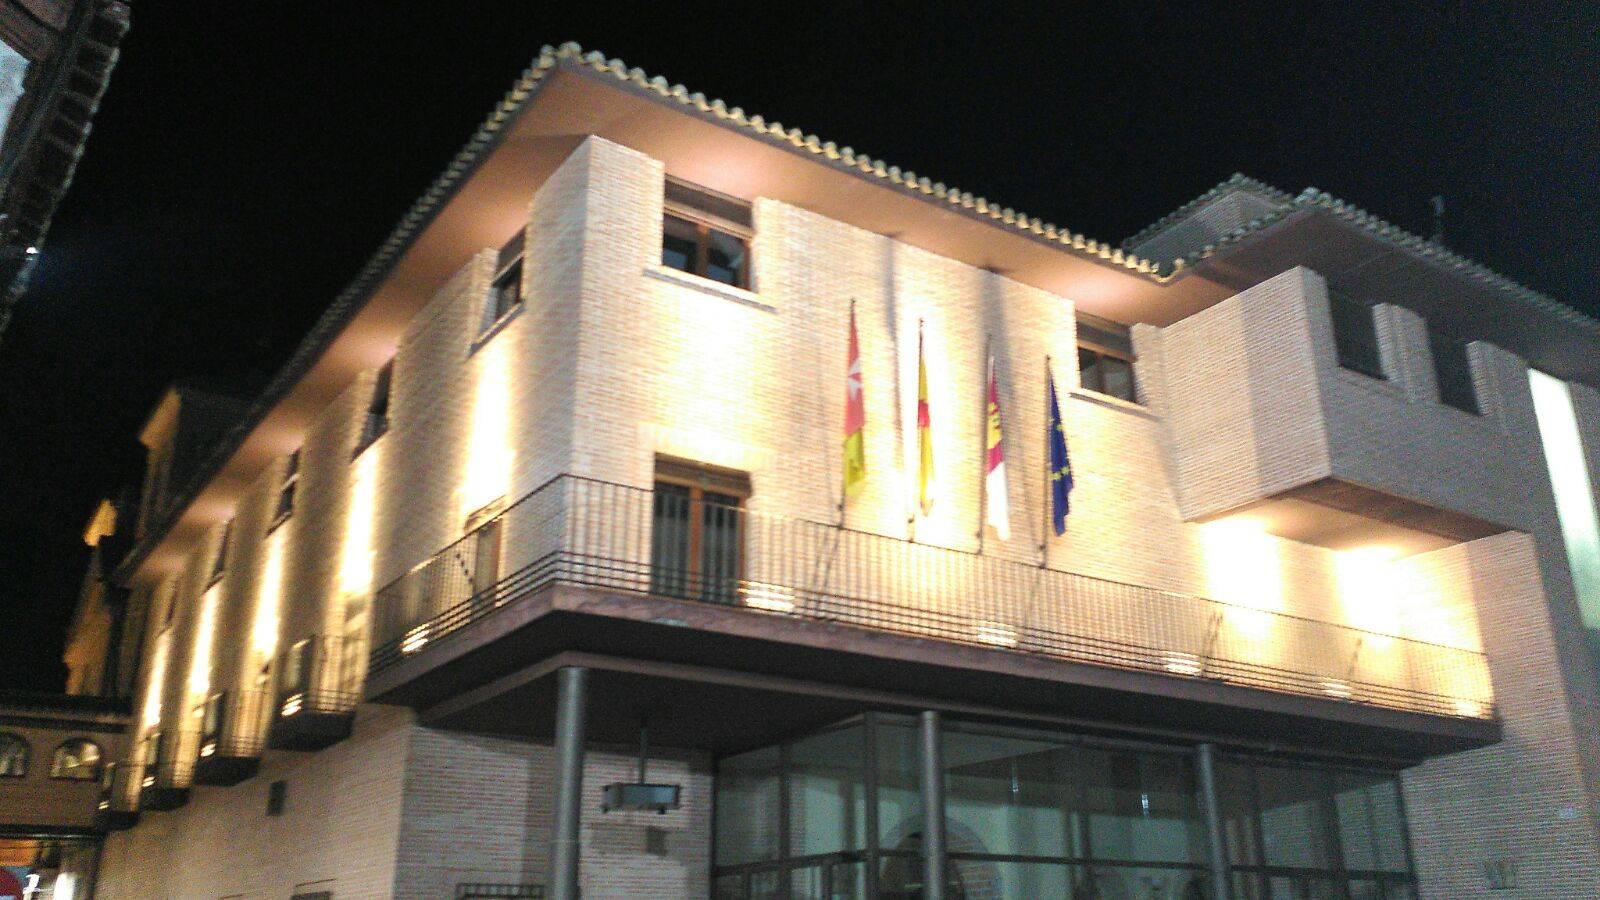 ayuntamiento de herencia con luces carnaval - Comienza la cuenta atrás para el Carnaval de Herencia 2017